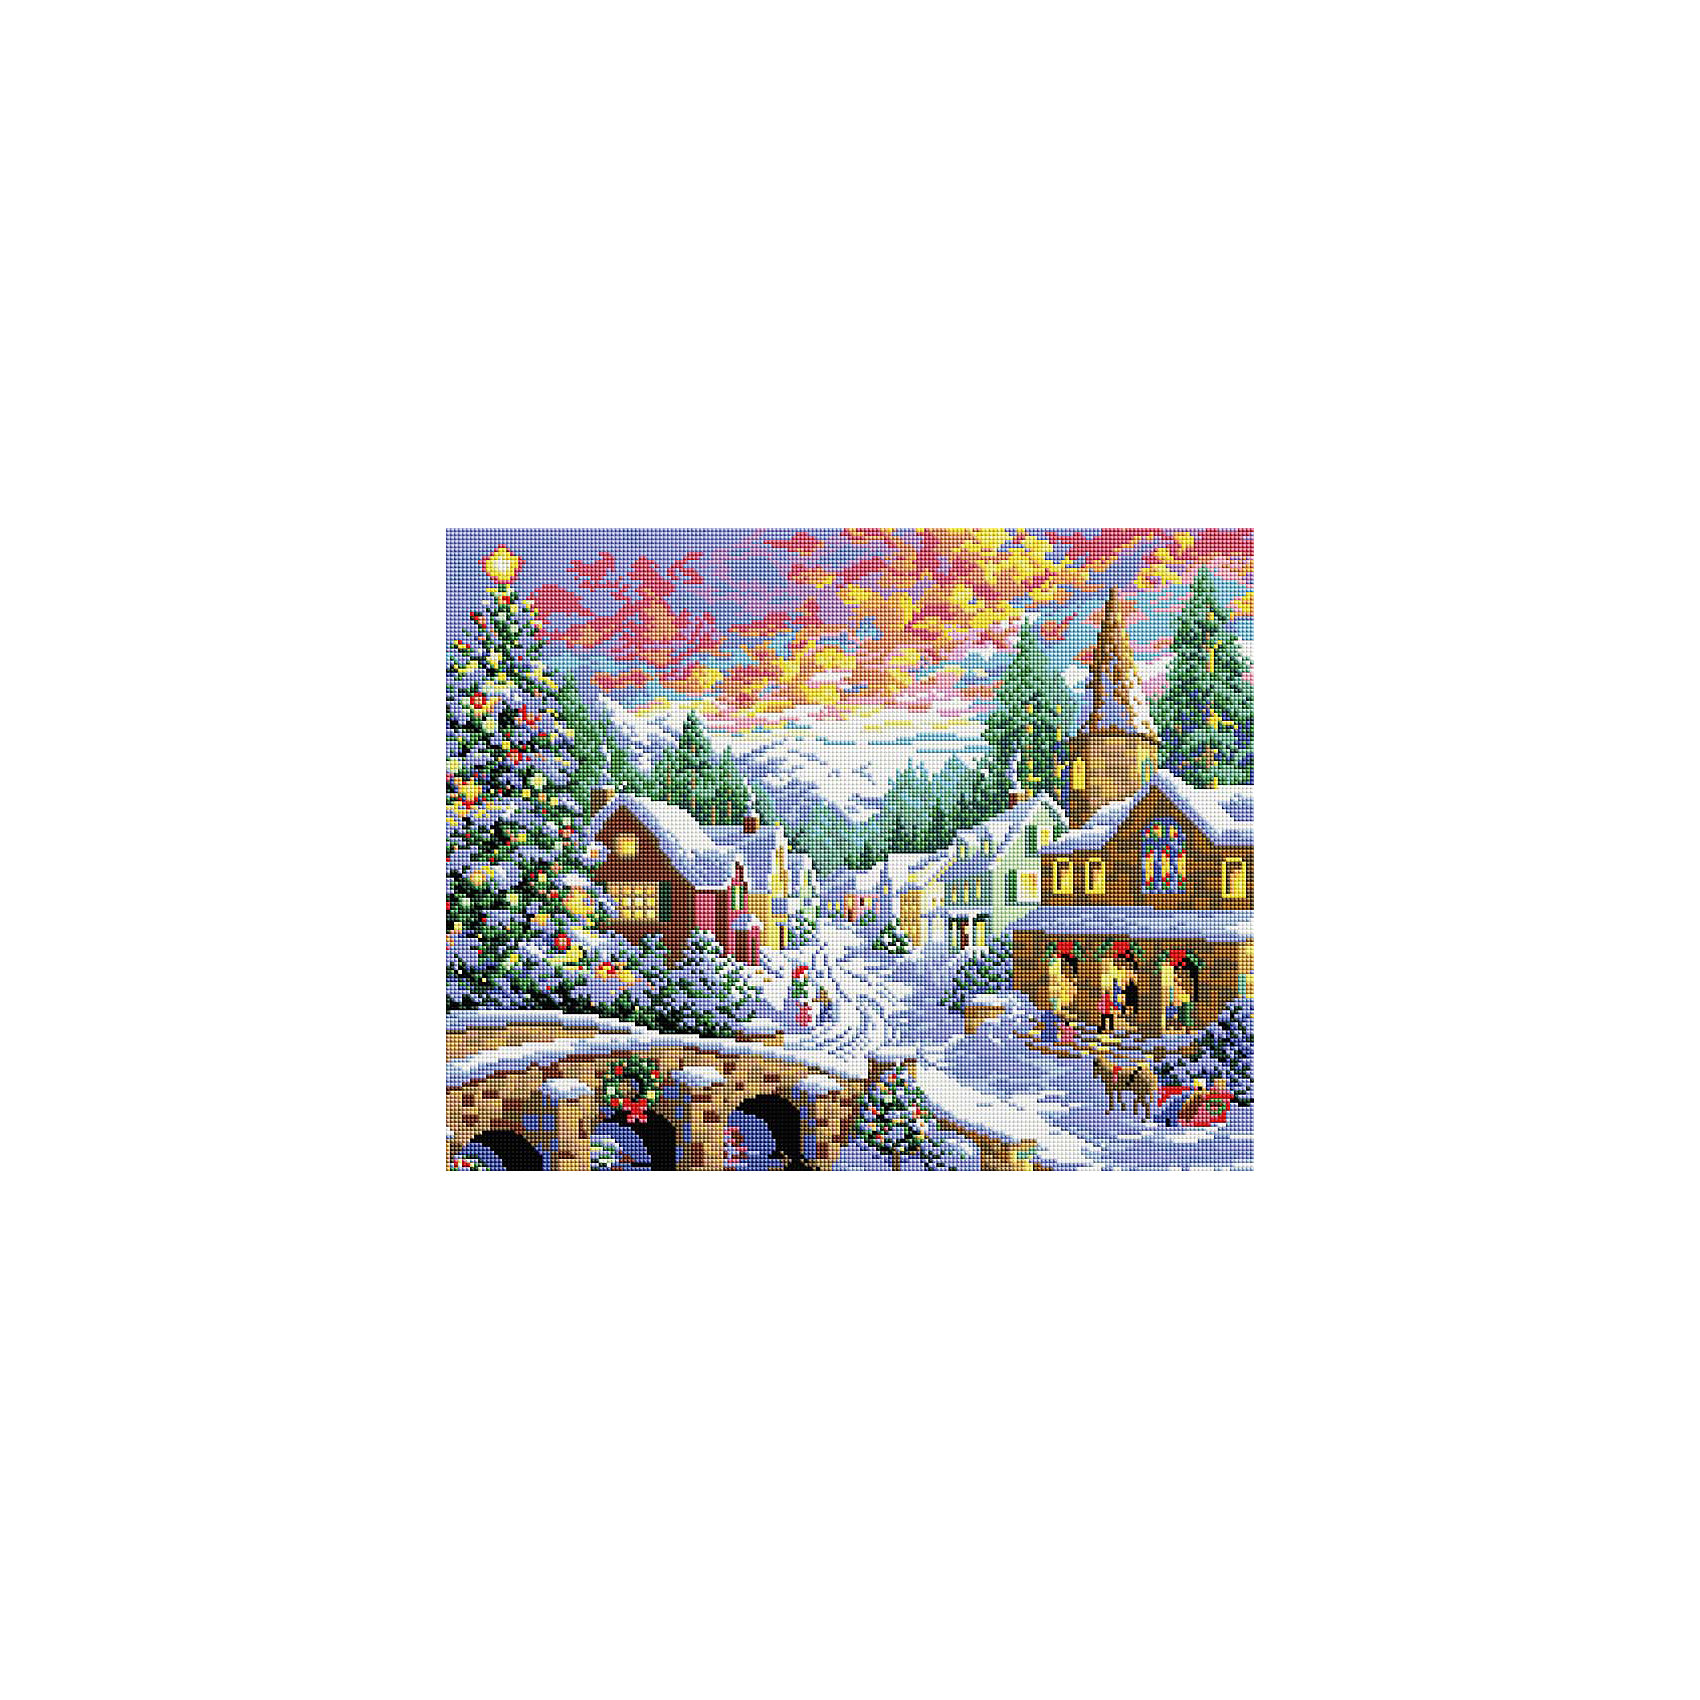 Мозаика на подрамнике Рождественская ночьМозаика<br>Мозаика на подрамнике<br><br>Ширина мм: 410<br>Глубина мм: 510<br>Высота мм: 25<br>Вес г: 1450<br>Возраст от месяцев: 144<br>Возраст до месяцев: 192<br>Пол: Унисекс<br>Возраст: Детский<br>SKU: 5089778